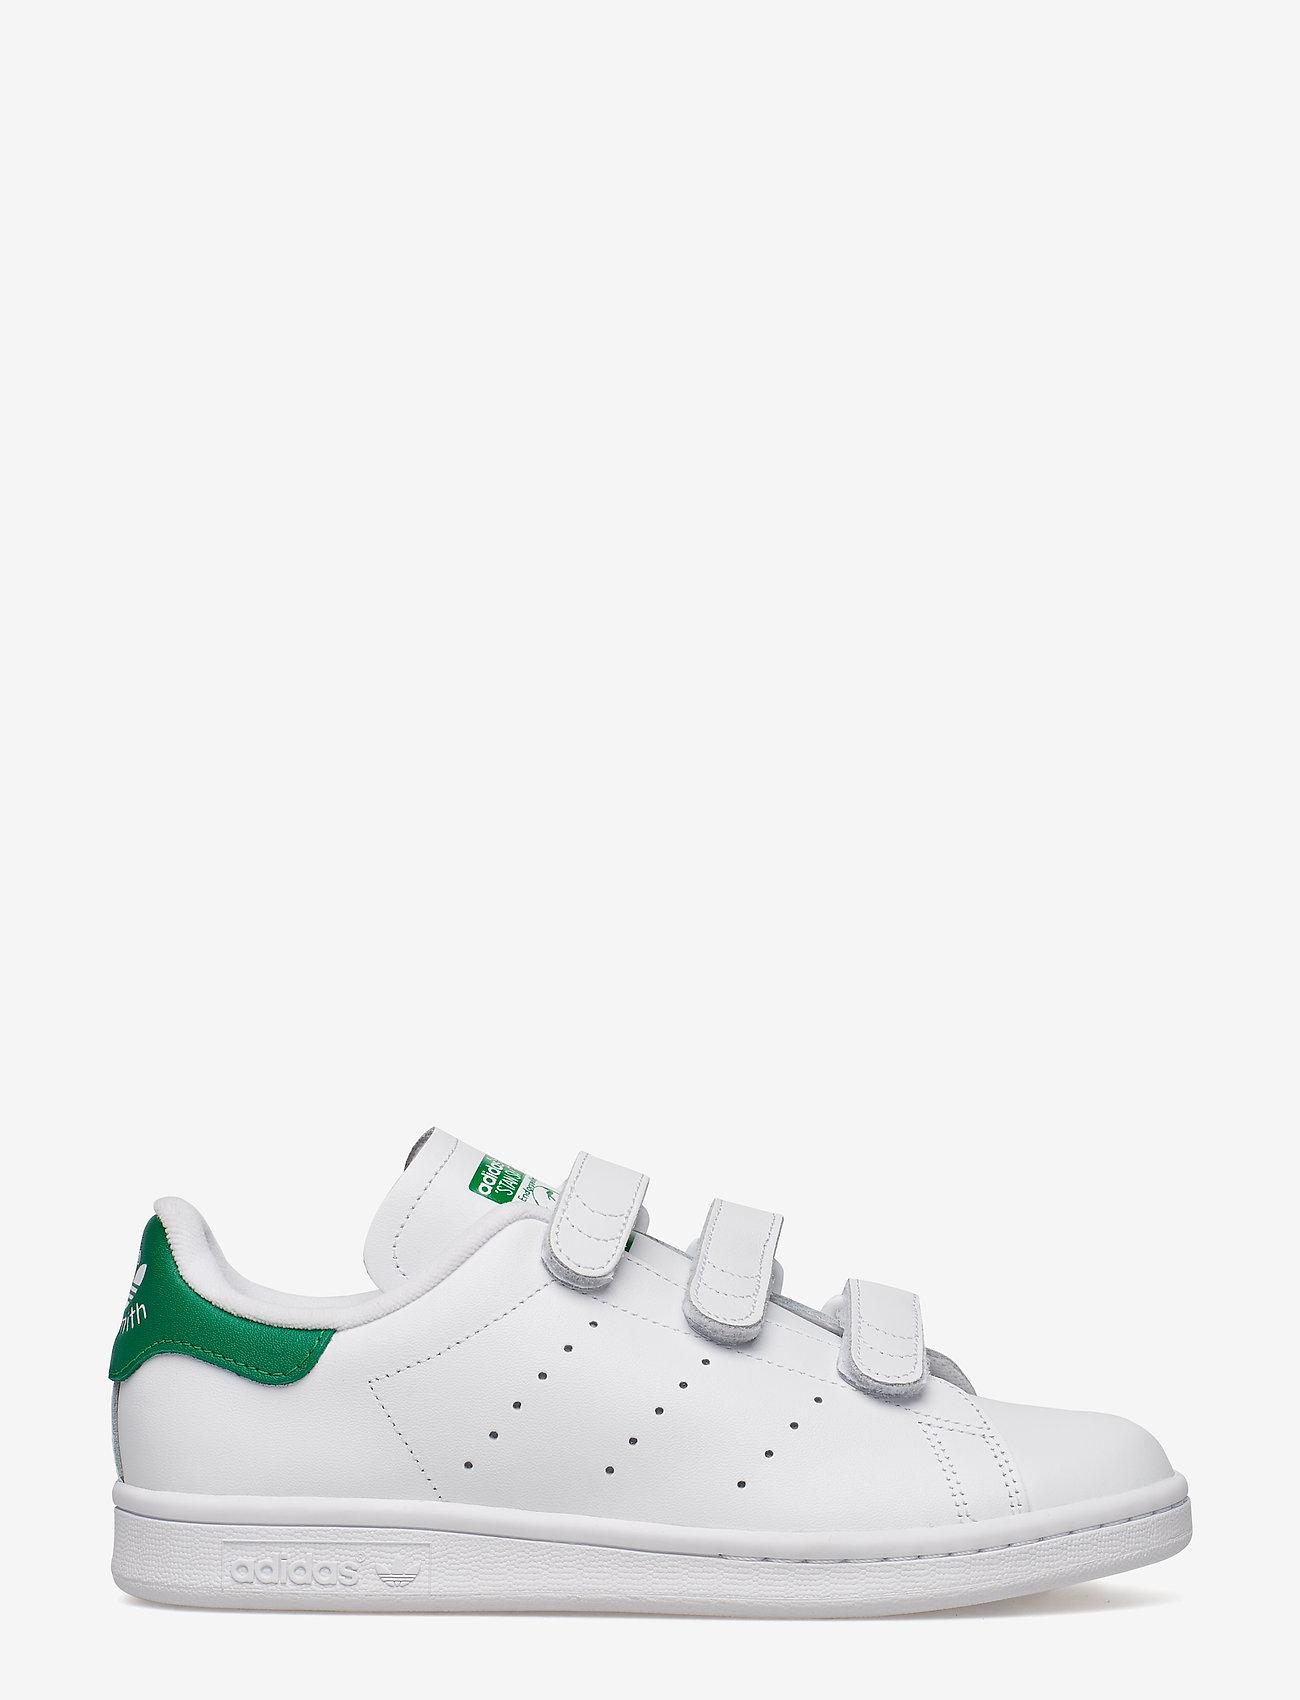 adidas Originals - STAN SMITH CF - lav ankel - ftwwht/ftwwht/green - 1